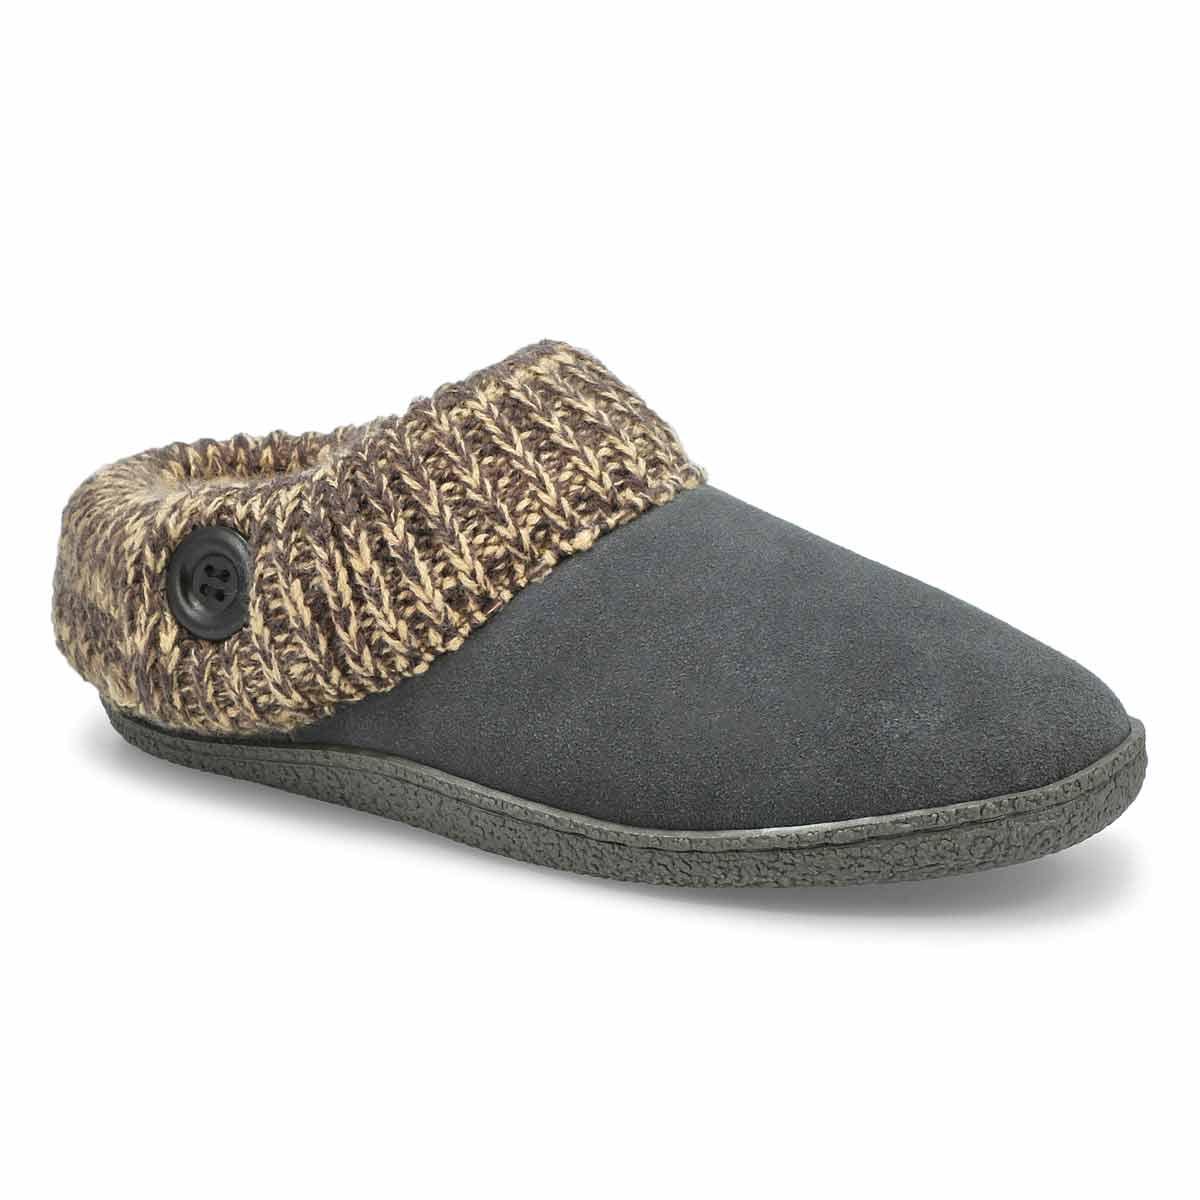 Women's DINI grey memory foam slippers